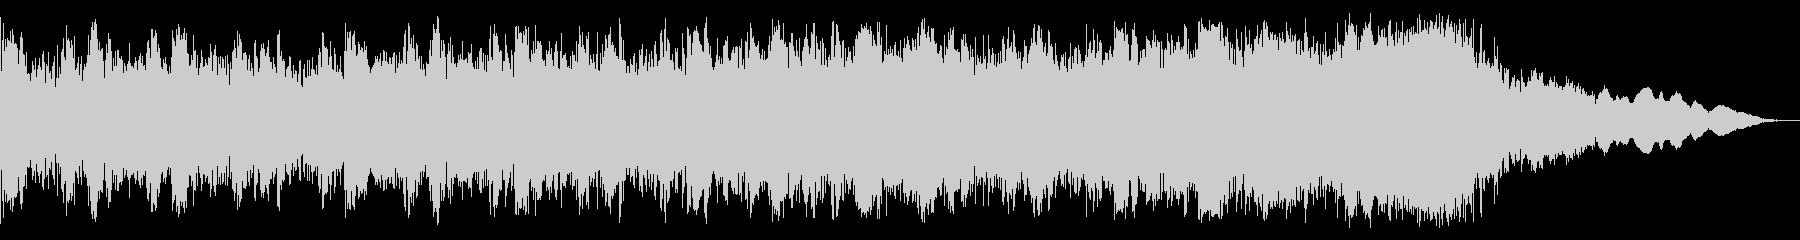 ゴスミュージックベッドの未再生の波形